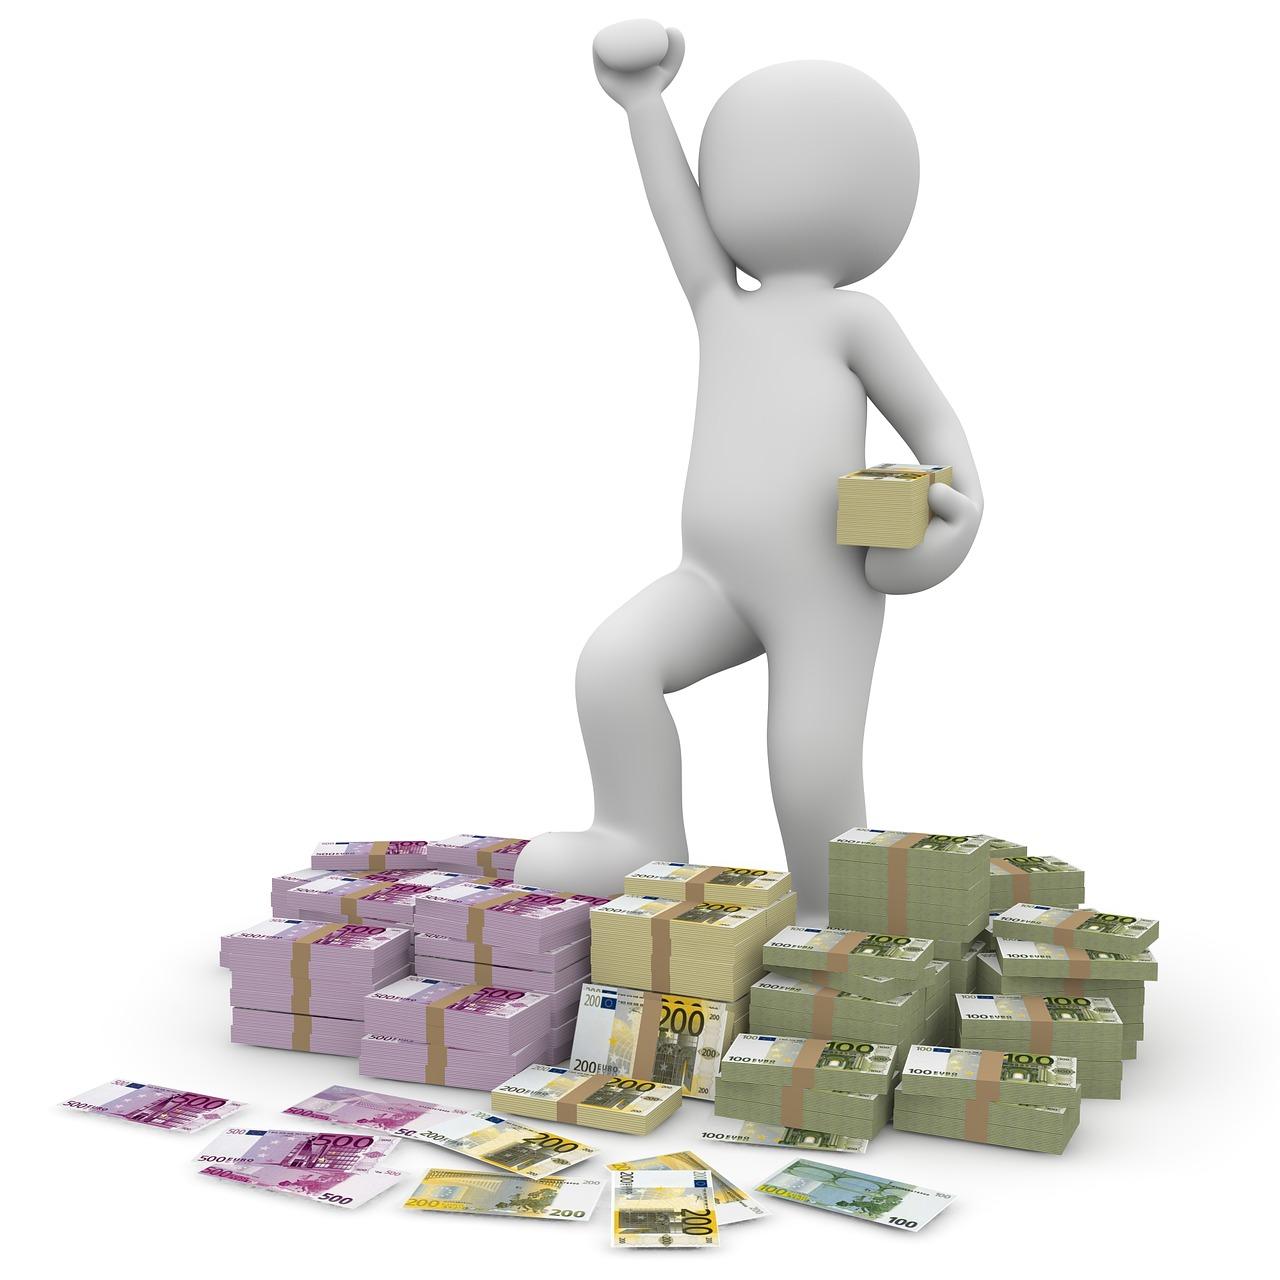 Få modet til at investere dine penge